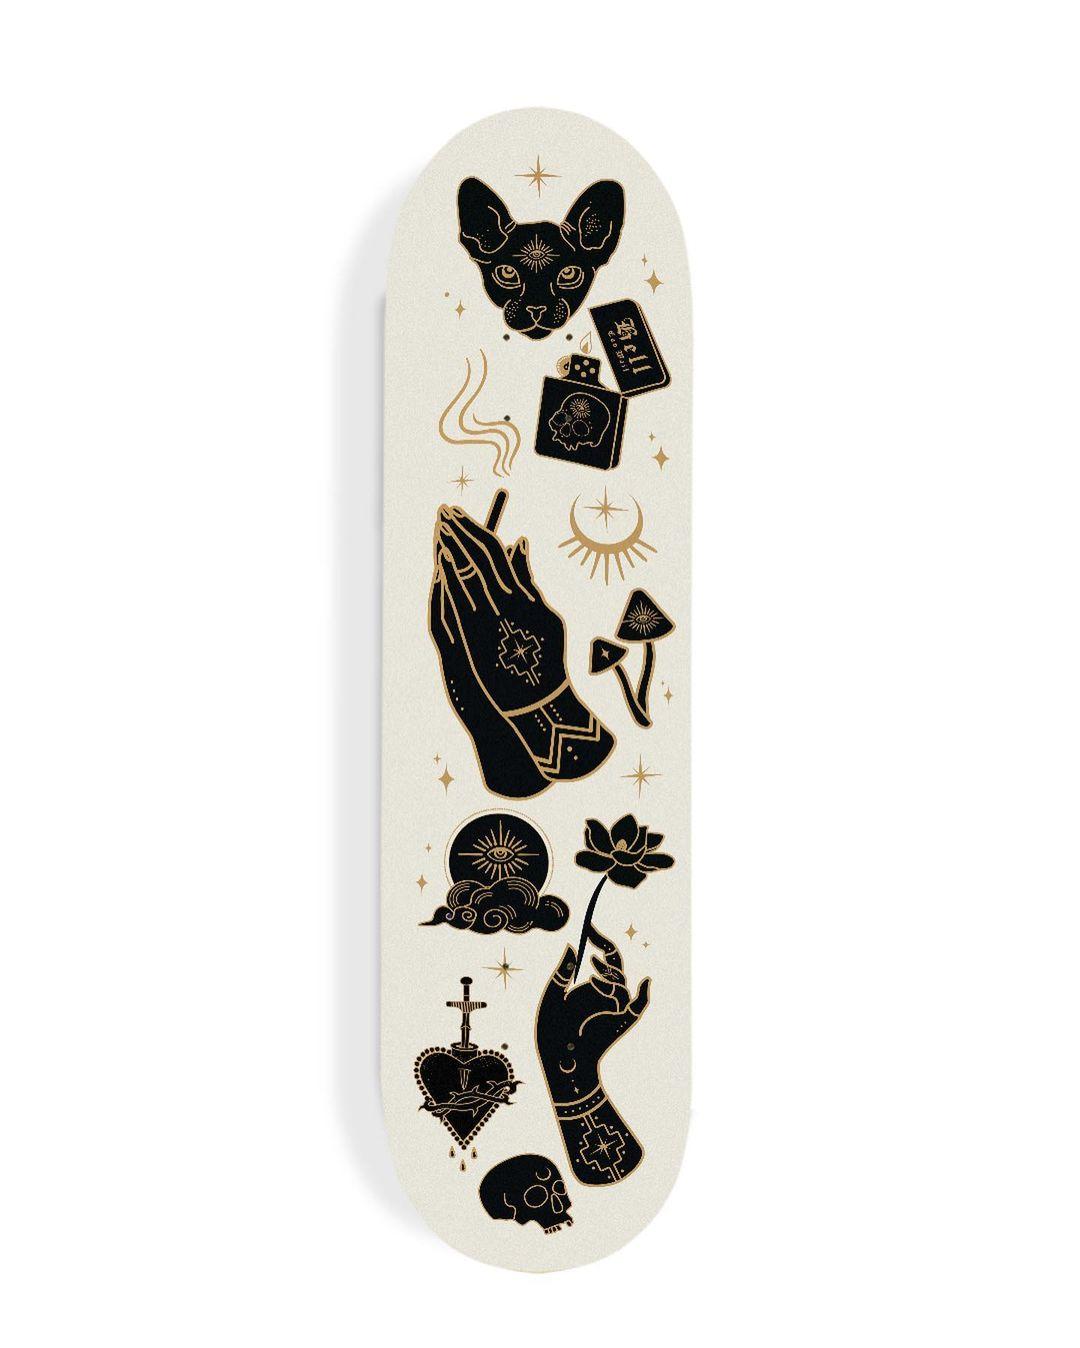 Skate Deck Design Concepts By Daphna Sebbane 1